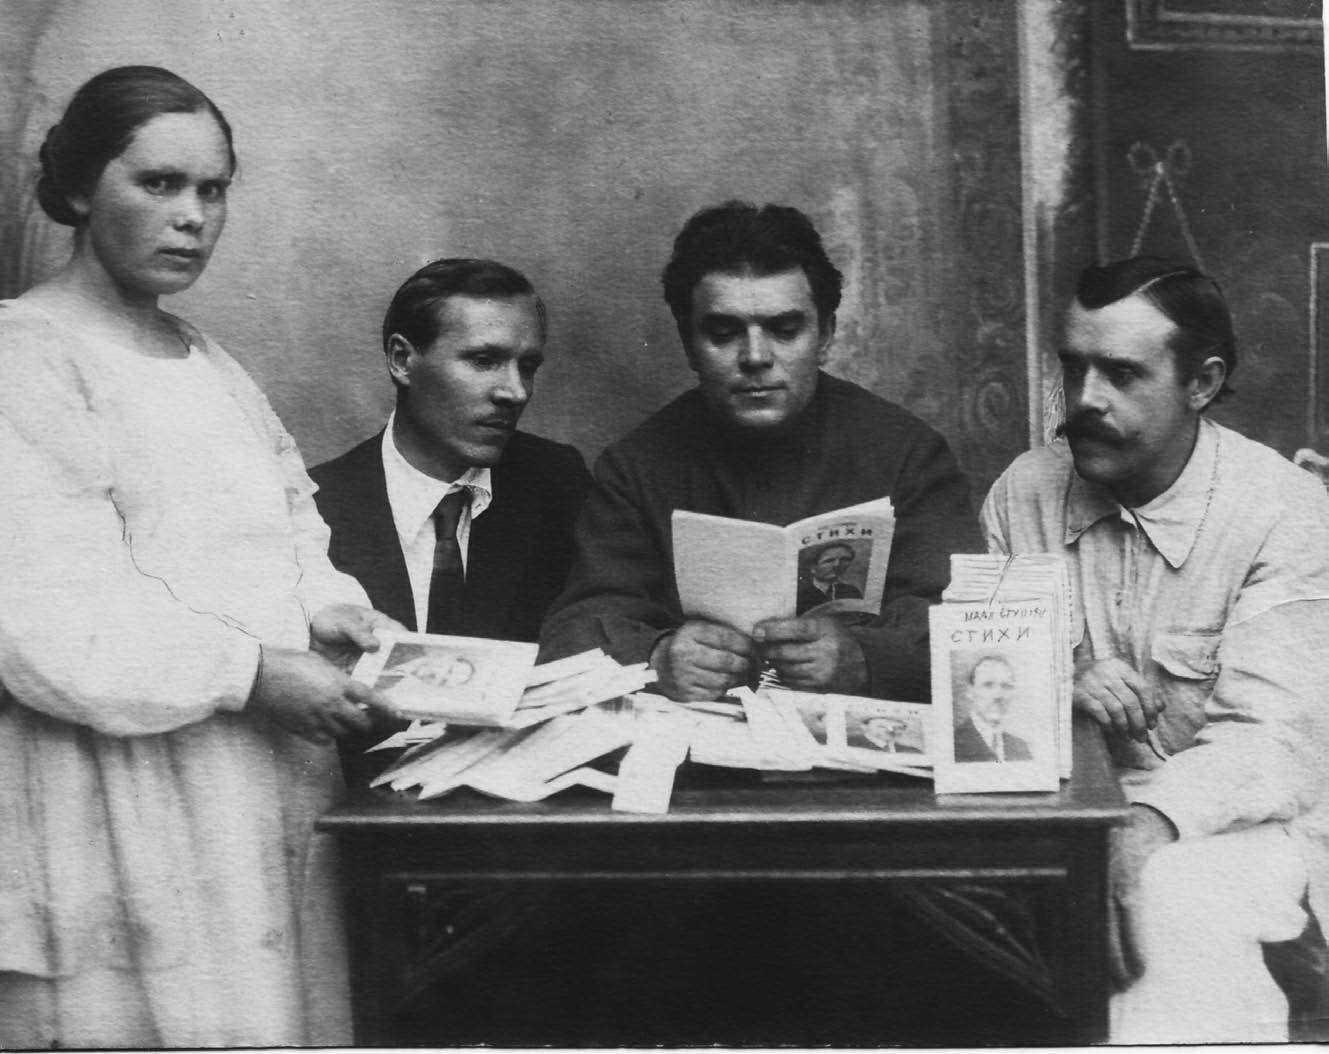 Групове фото (1926р.)